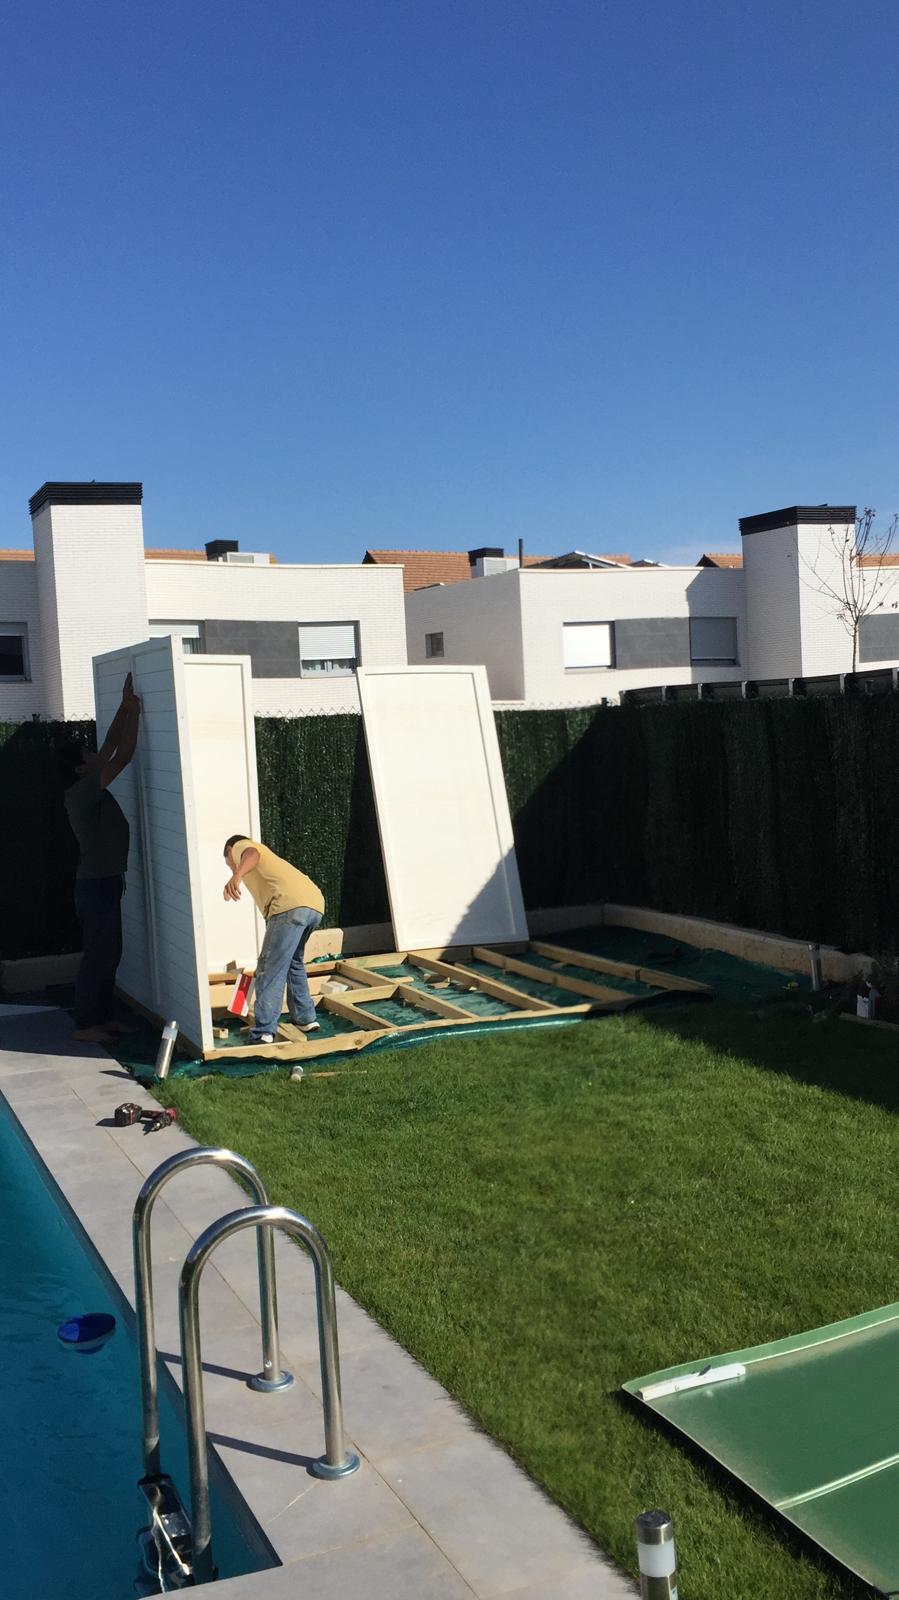 artybel-caseta-jardin-paredes-contrachapado